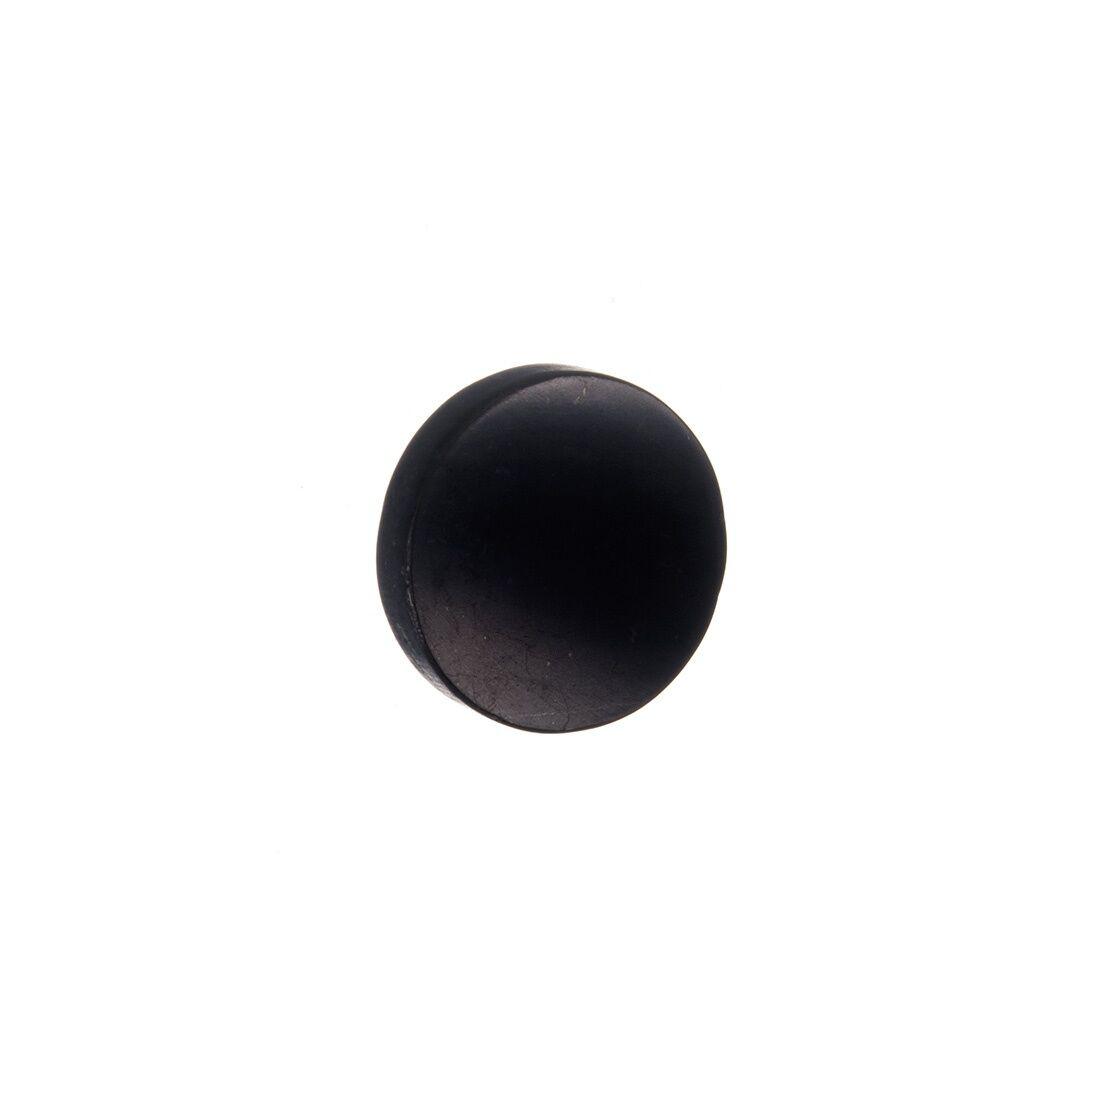 mia armonia piastrina adesiva in shungite per smartphone 25mm x 3mm